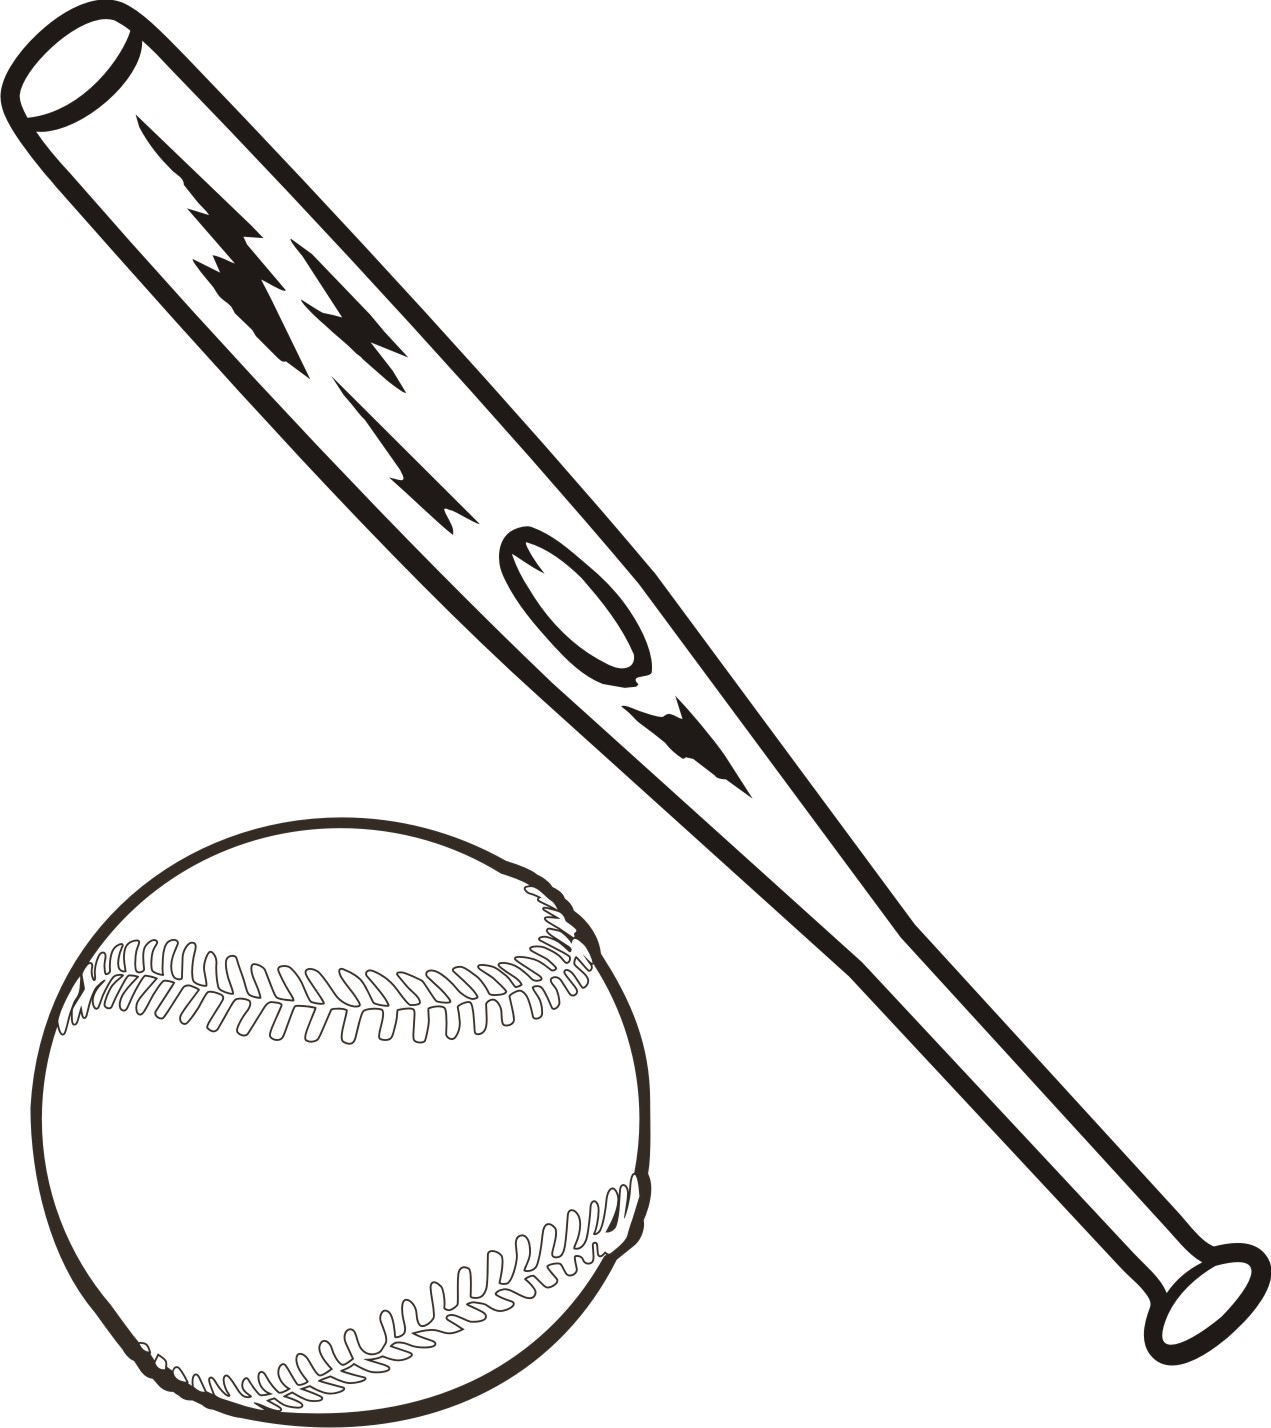 Baseball Bat And Ball Coloring Page Free Clip Art Image